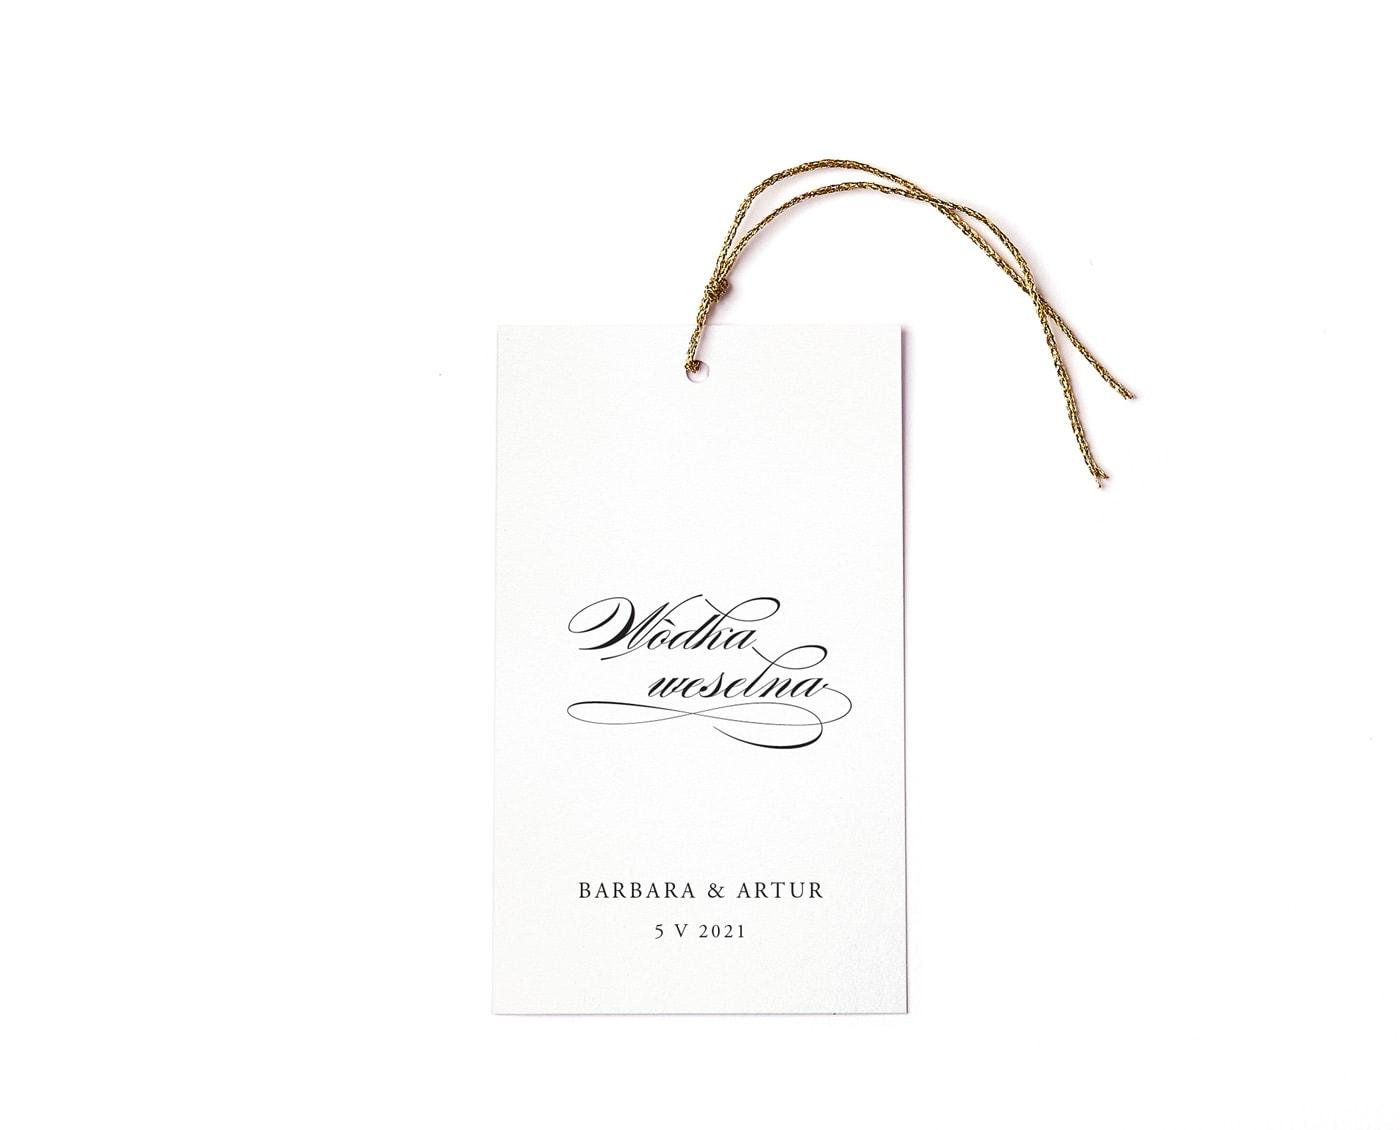 Minimalistyczne, eleganckie zawieszki z ozdobna czcionką i złotym sznureczkiem